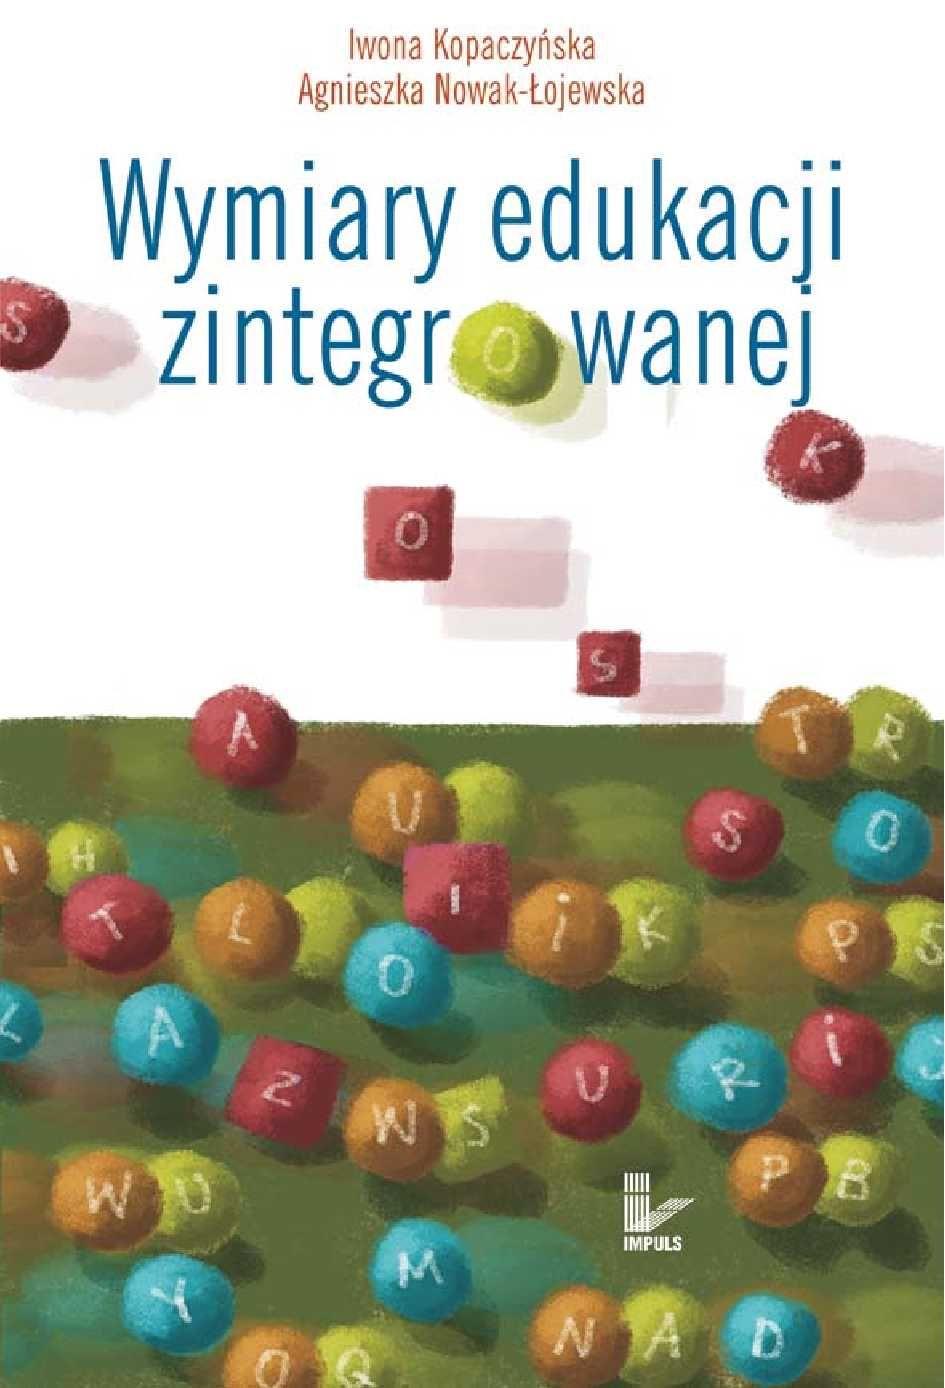 Wymiary edukacji zintegrowanej - Ebook (Książka EPUB) do pobrania w formacie EPUB